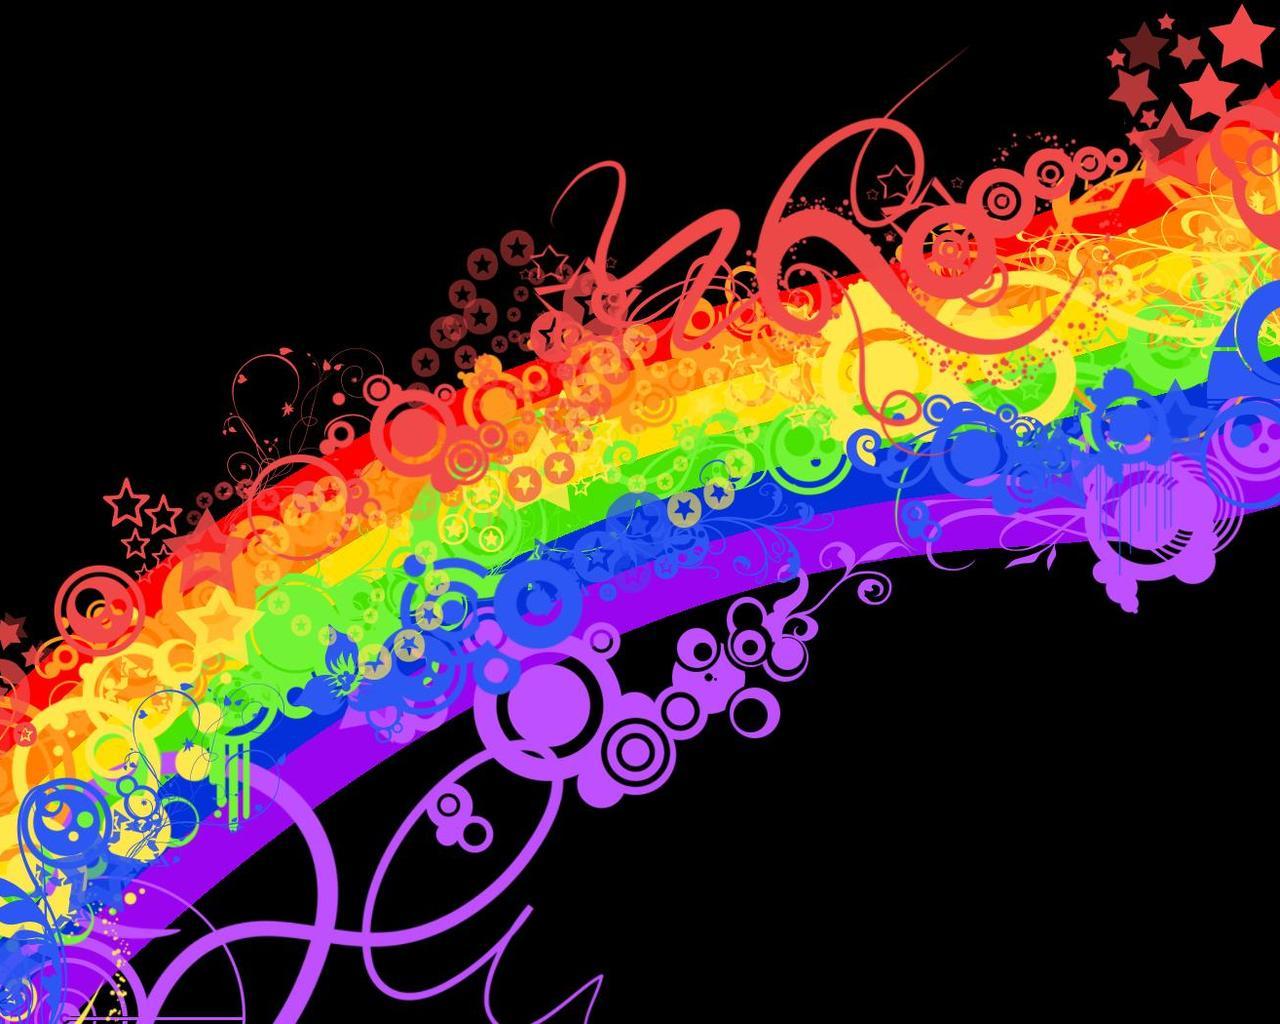 http://2.bp.blogspot.com/_rAsiSS06Zgg/S8R7NfyK_dI/AAAAAAAAAiQ/aGseen5VcLw/s1600/Colourful%2BAbstract%2B(29).jpg